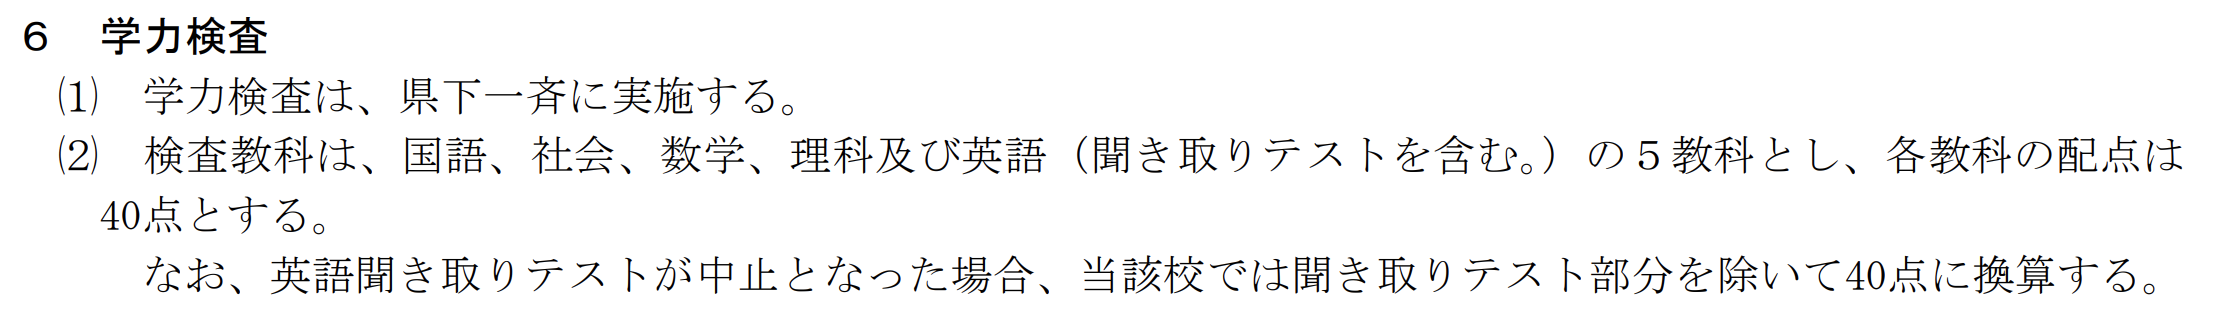 富山県公立高校入試制度1